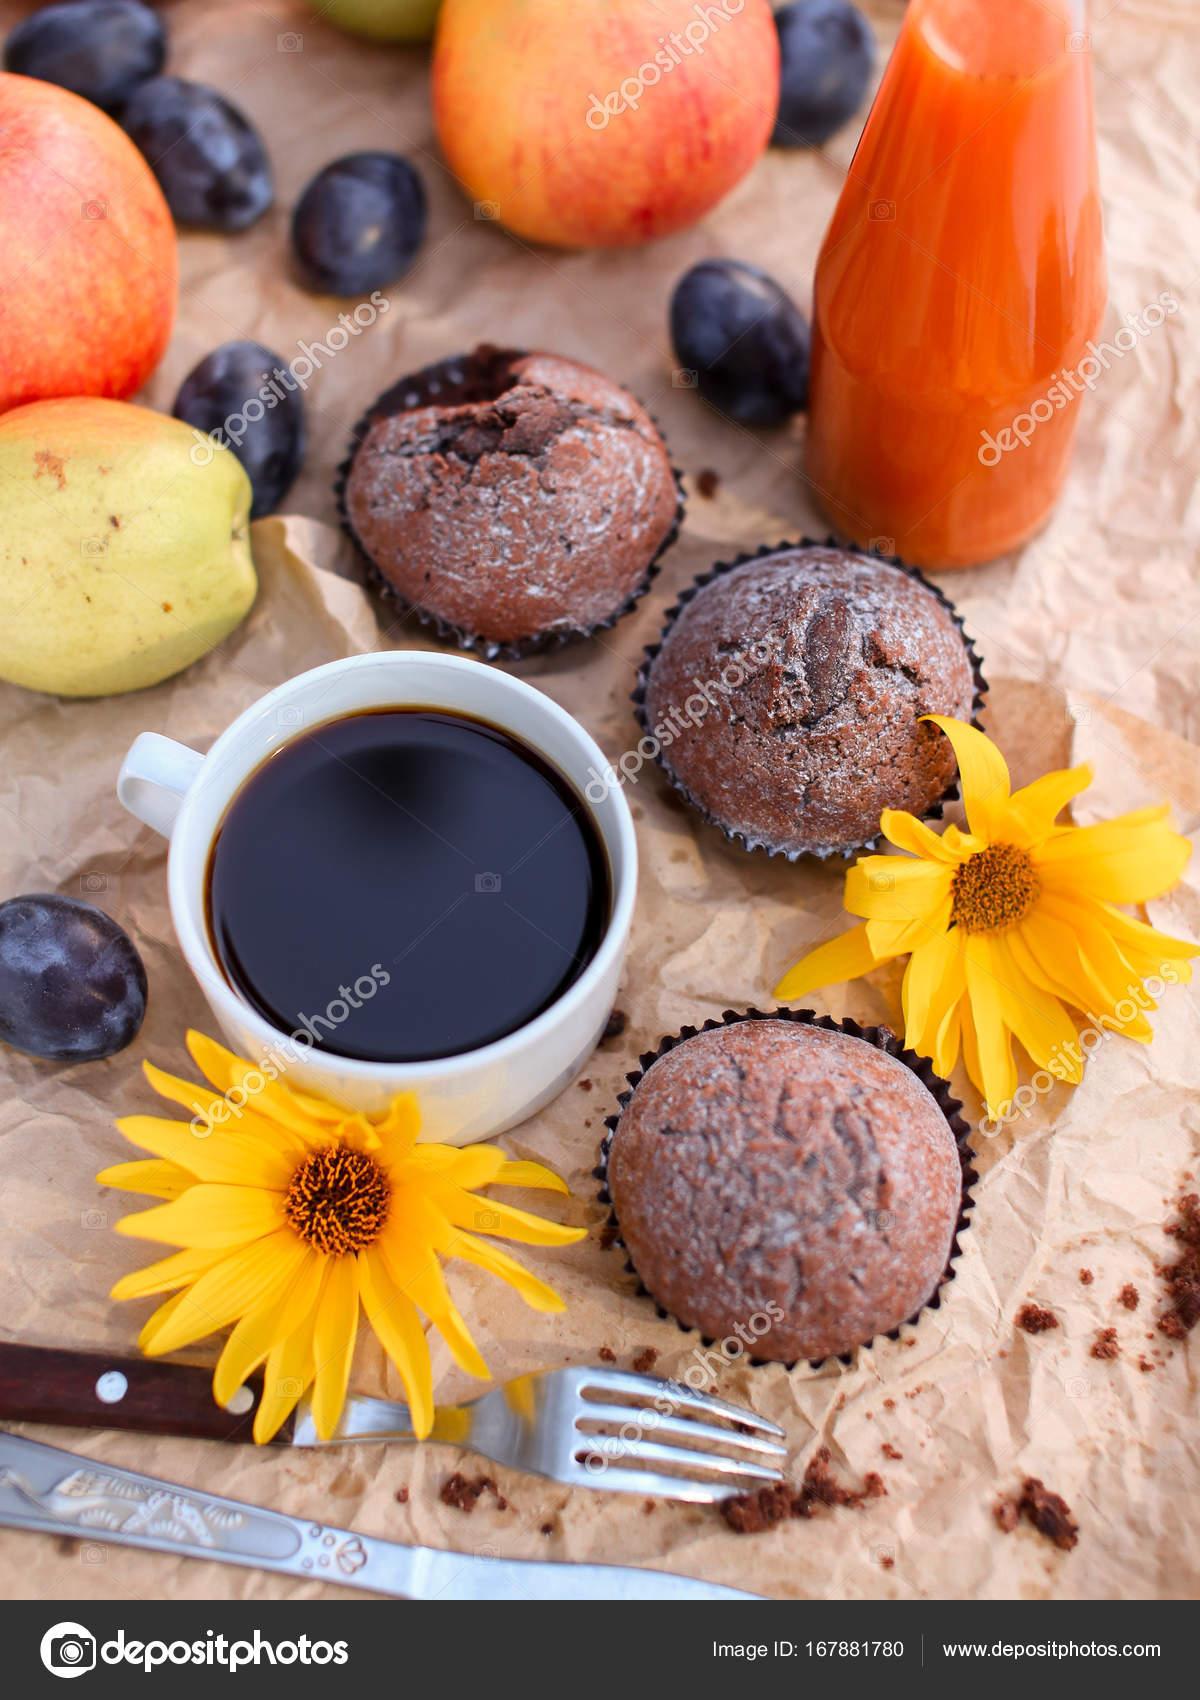 Einzigartig Guten Morgen Frühstück Das Beste Von Einen Wunderschönen Frühstück Auf Einem Hellen Hintergrund.